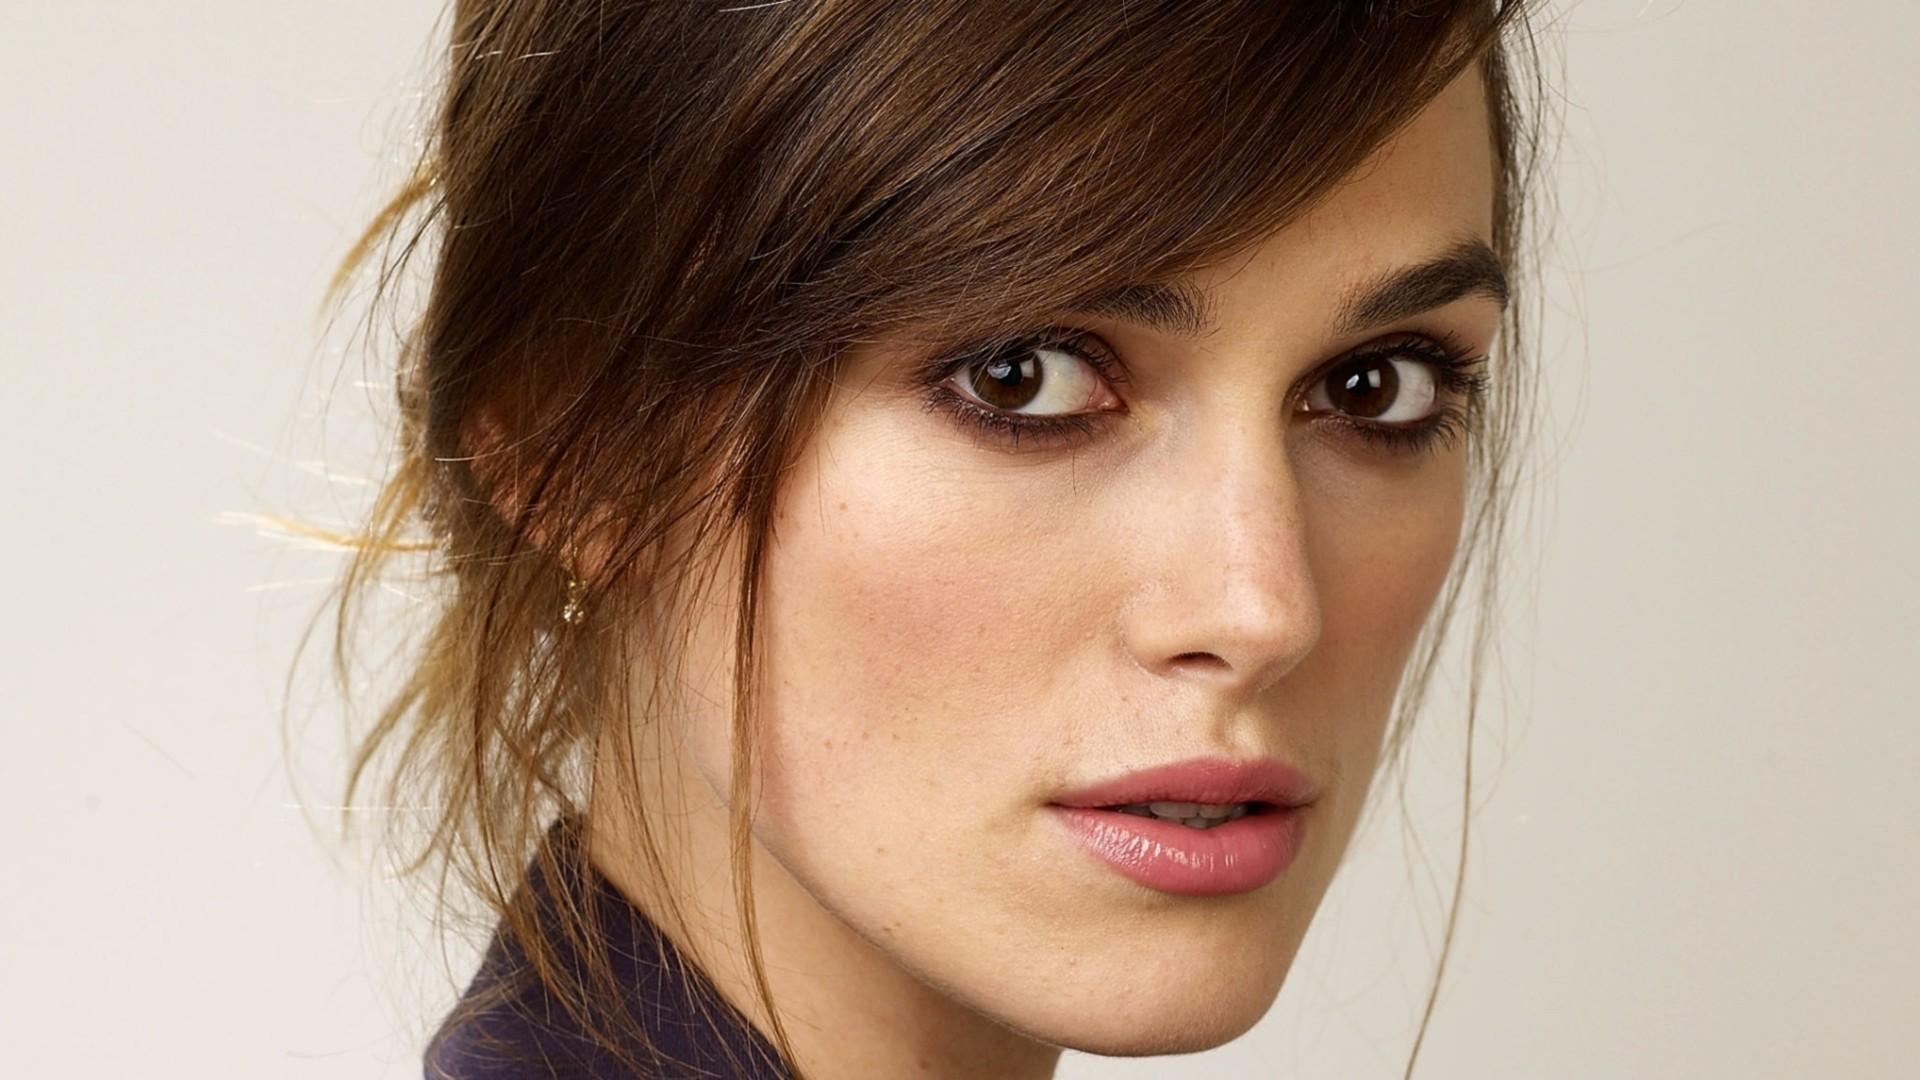 Masaüstü Yüz Model Portre Fotoğraf Aktör Ünlü: Masaüstü : Yüz, Kadınlar, Model, Portre, Uzun Saç, Esmer